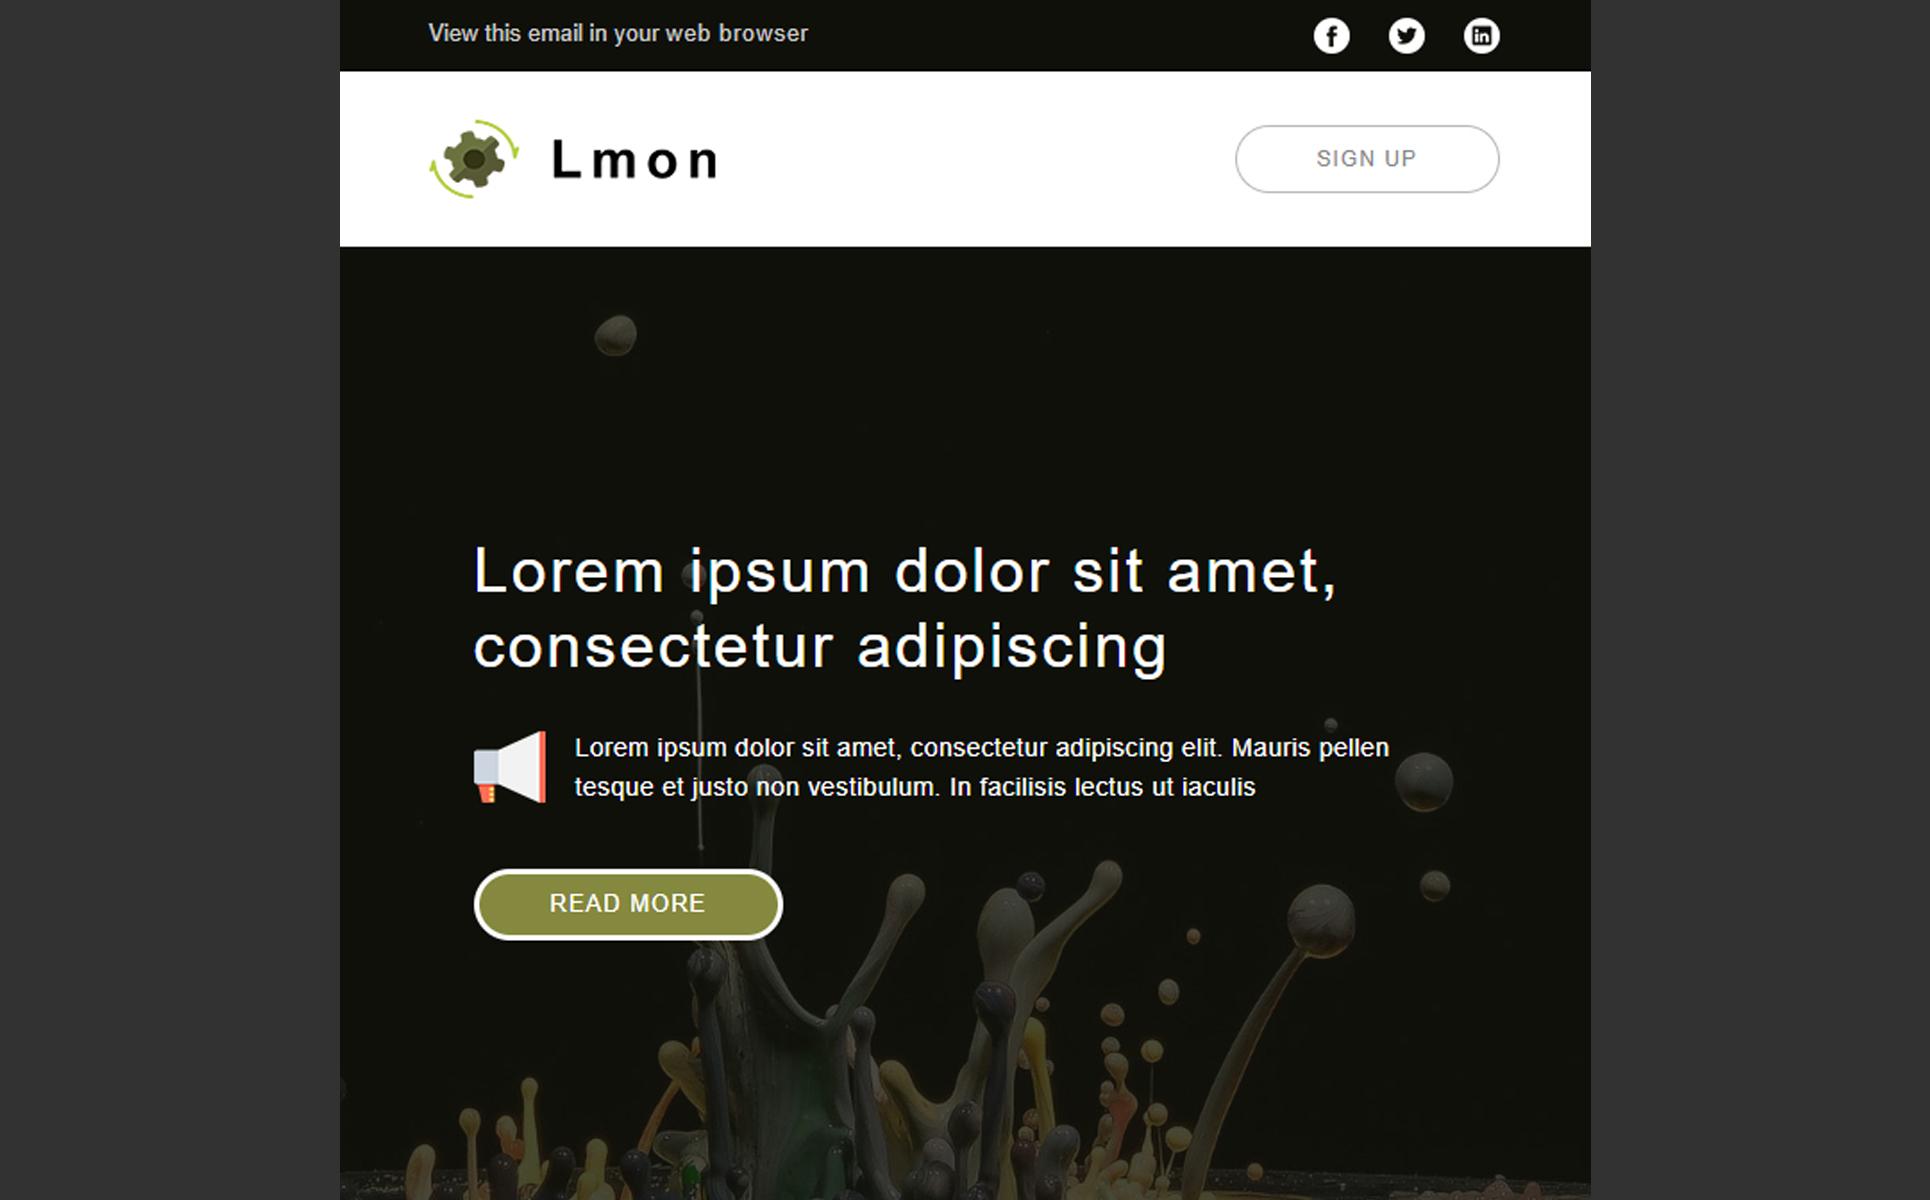 Lmon - Multipurpose Newsletter Template